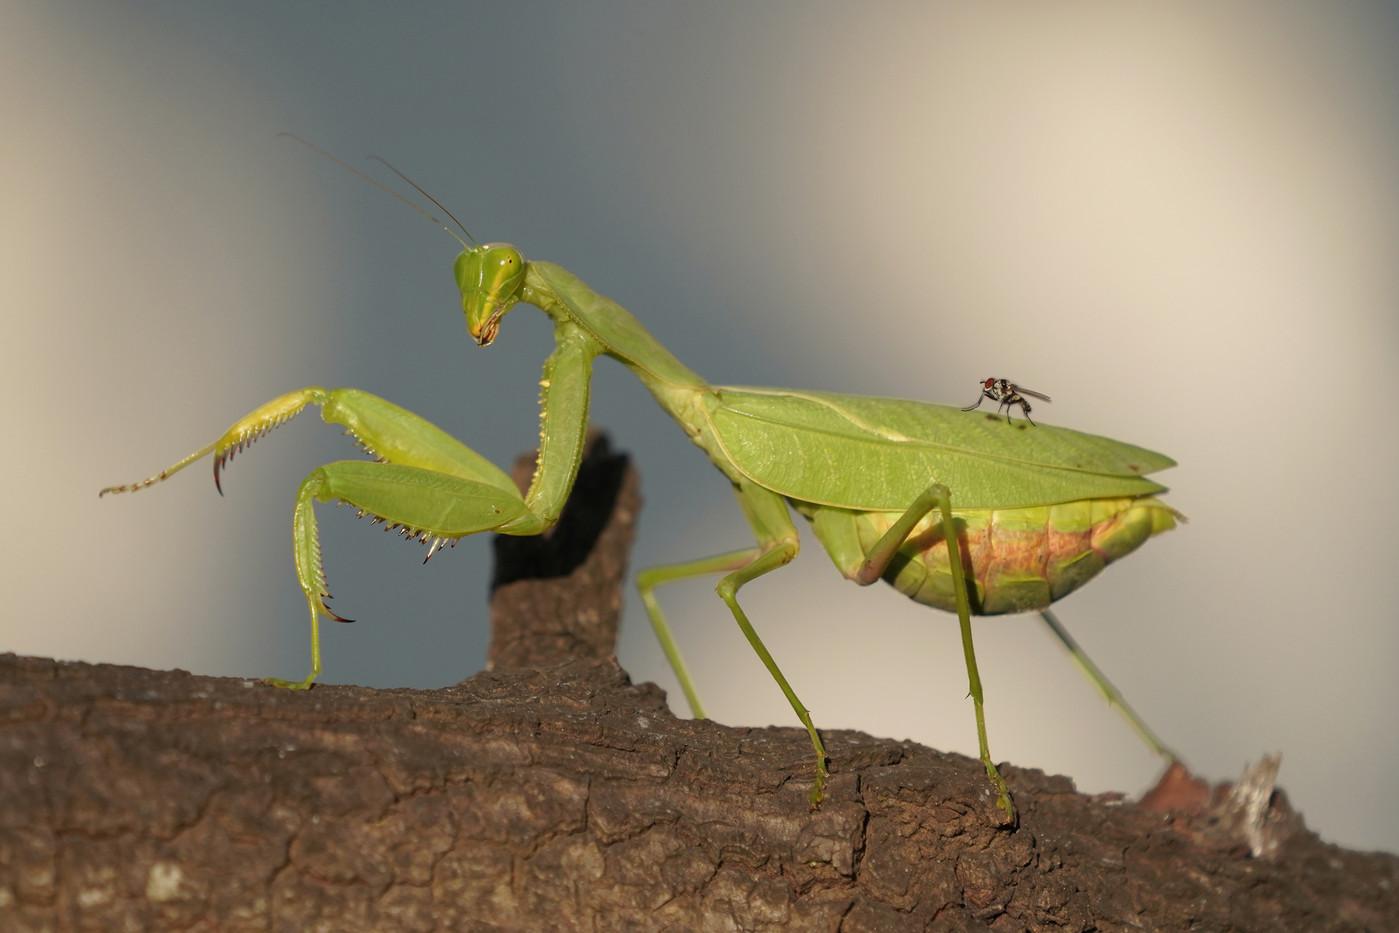 Gravid Praying Mantis & fly in Arusha, Tanzania